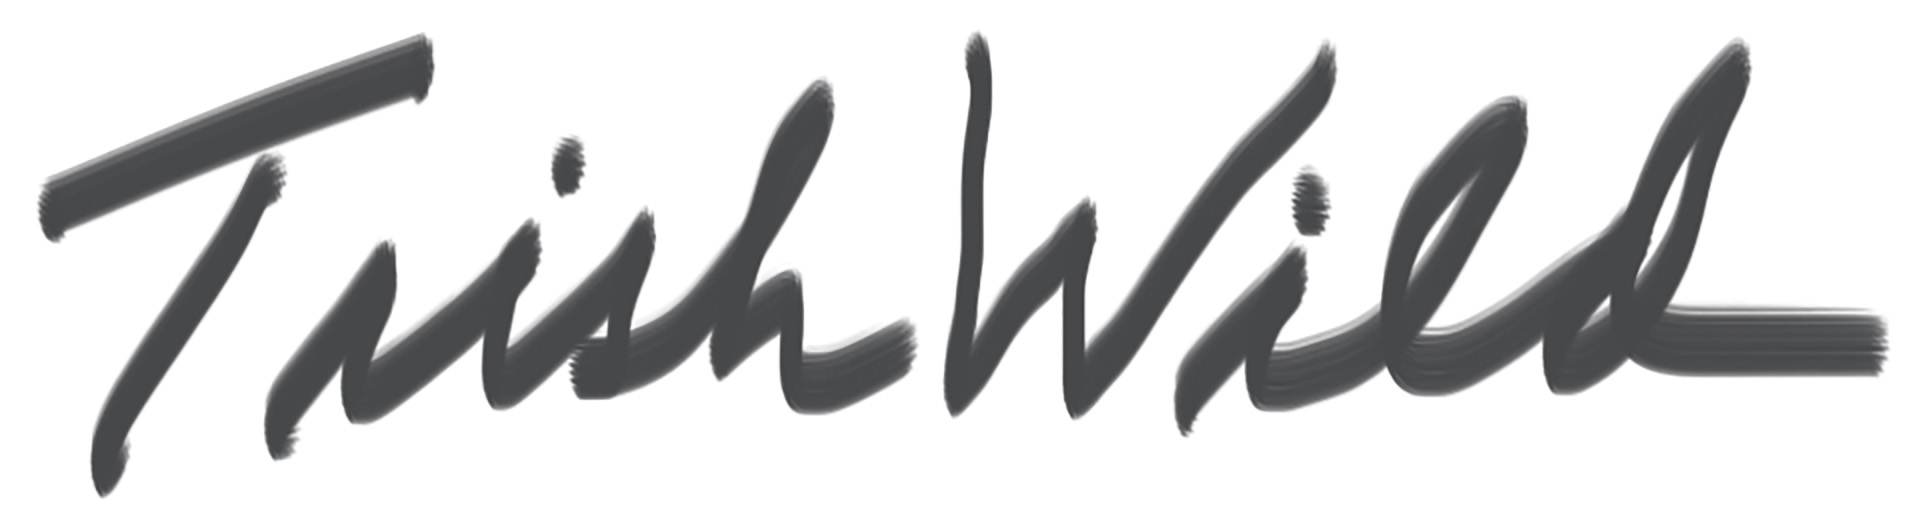 trish.wild's Signature